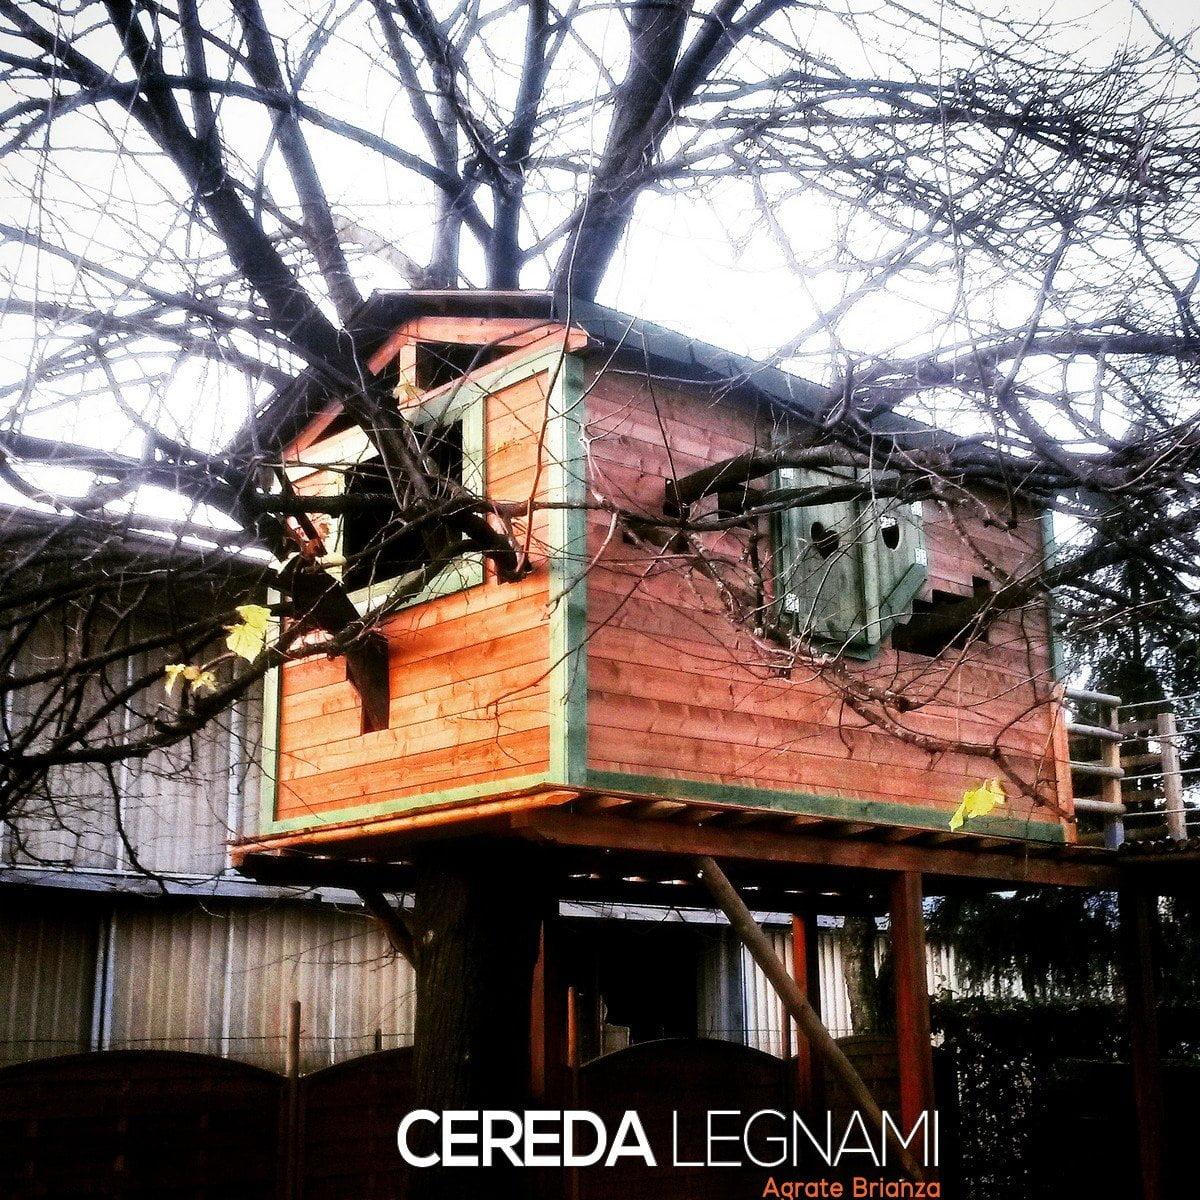 Casetta legno cereda legnami agrate brianza for Cereda legnami